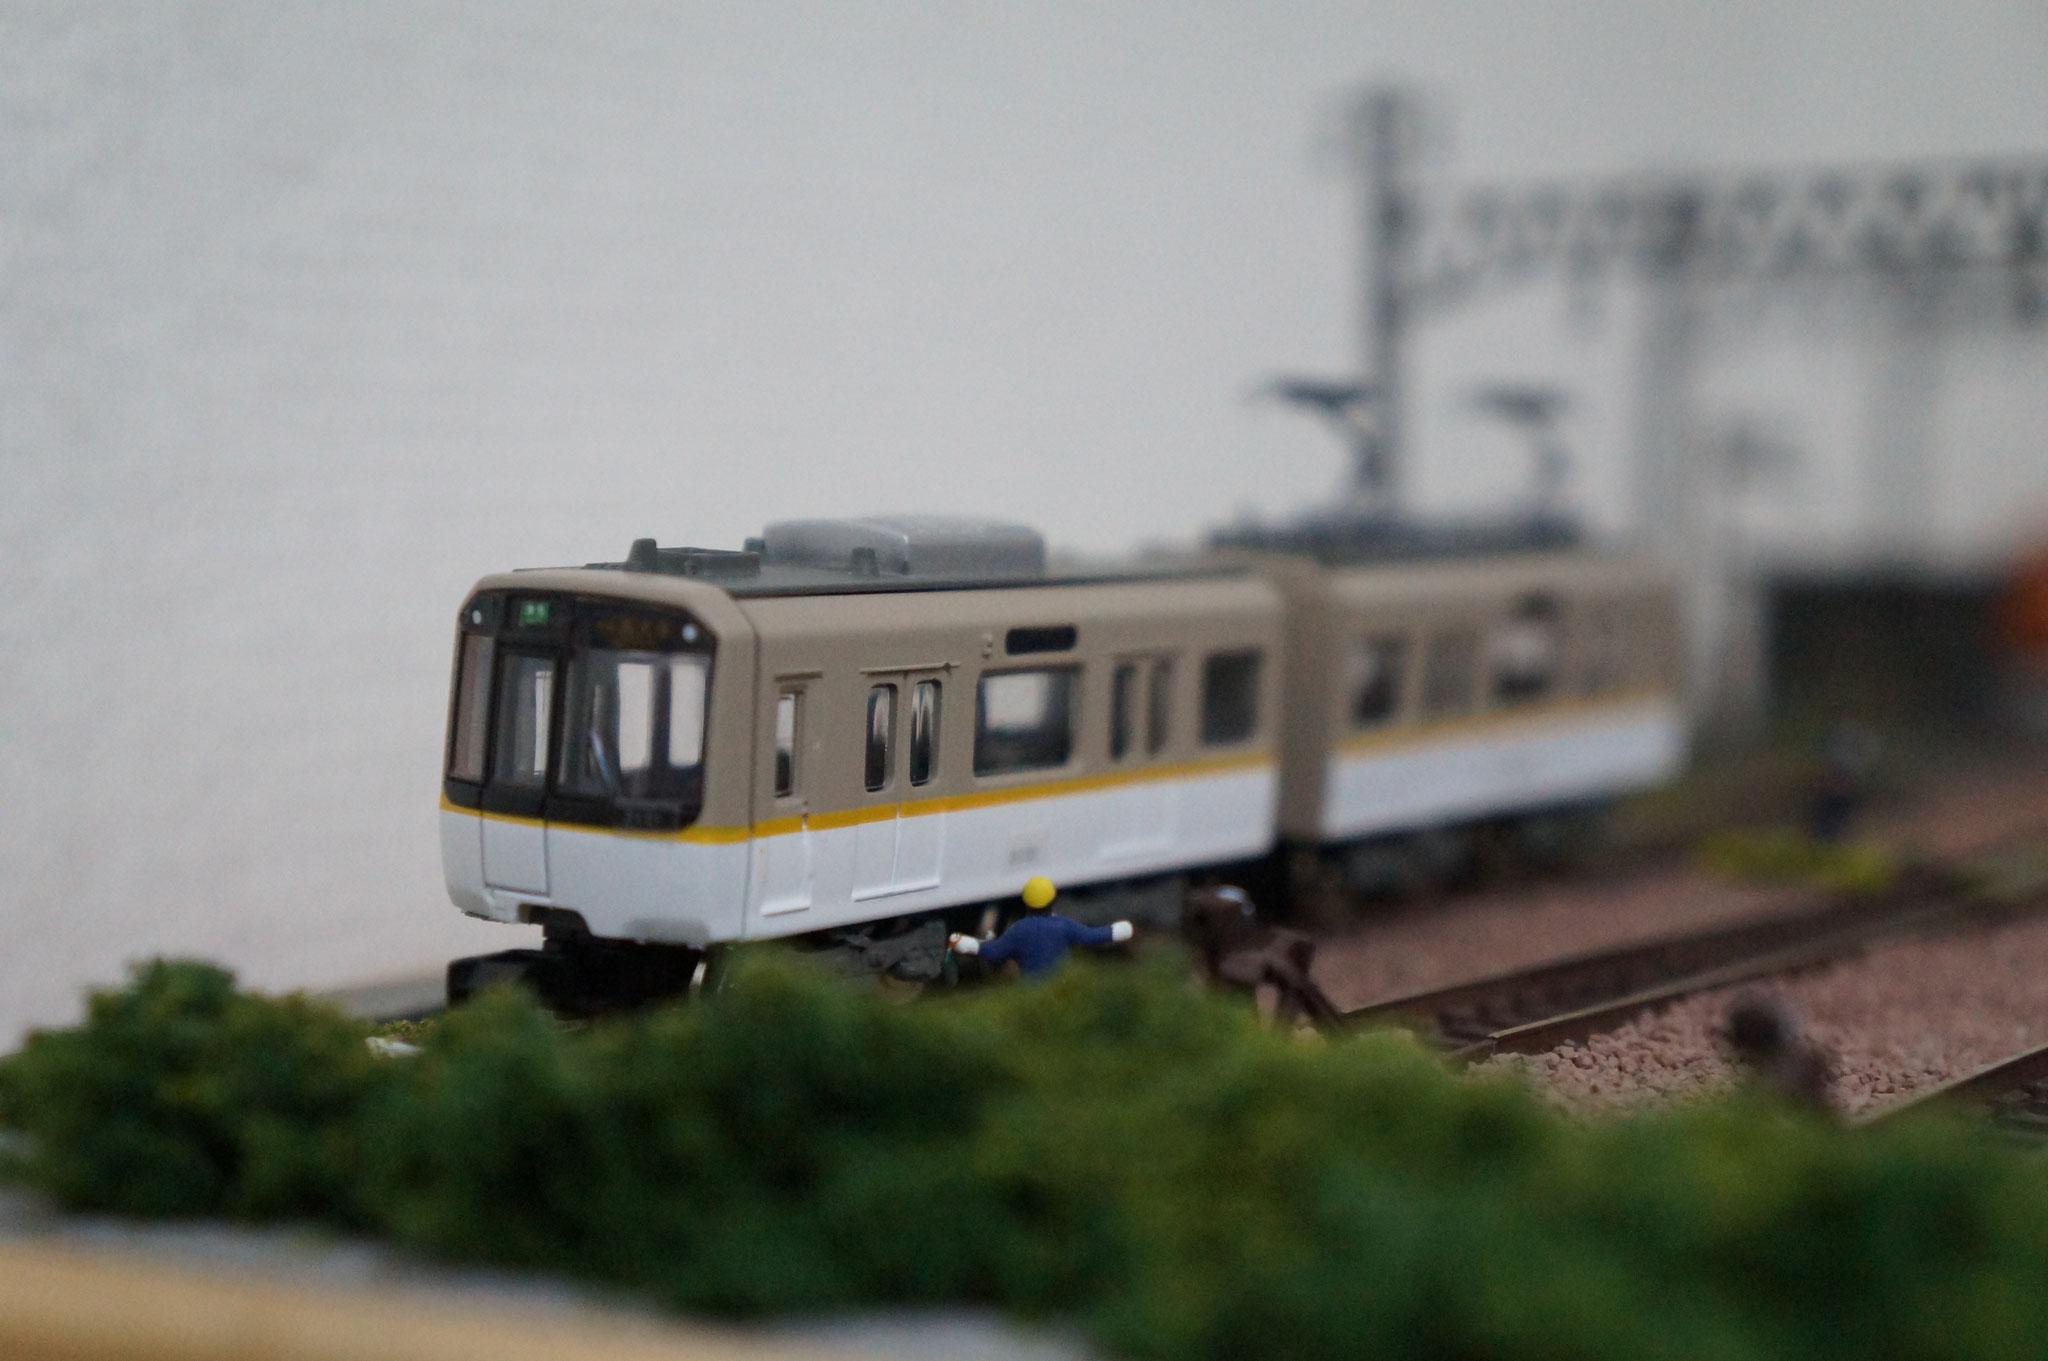 3020系(京都線でよく見るな)